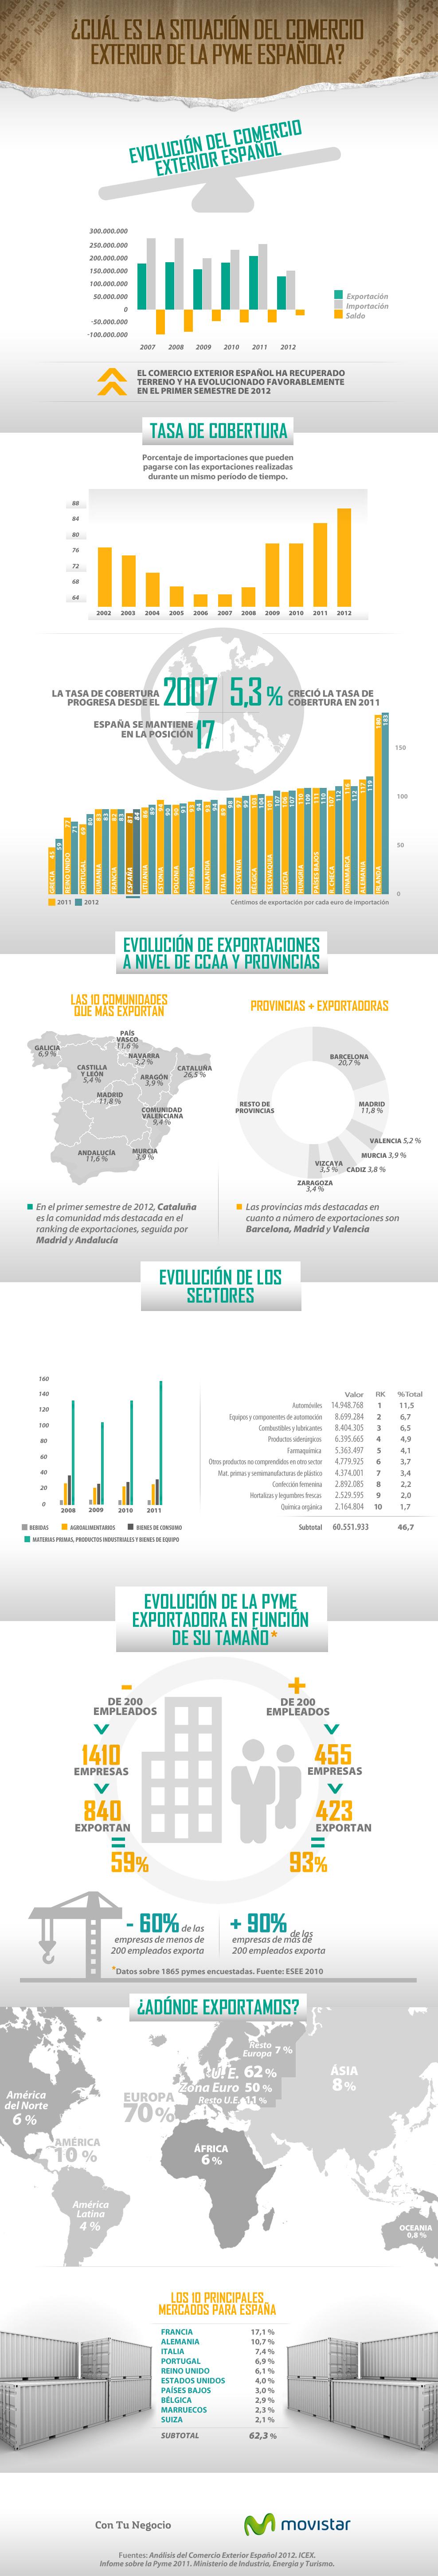 comercio exterior de la pyme española